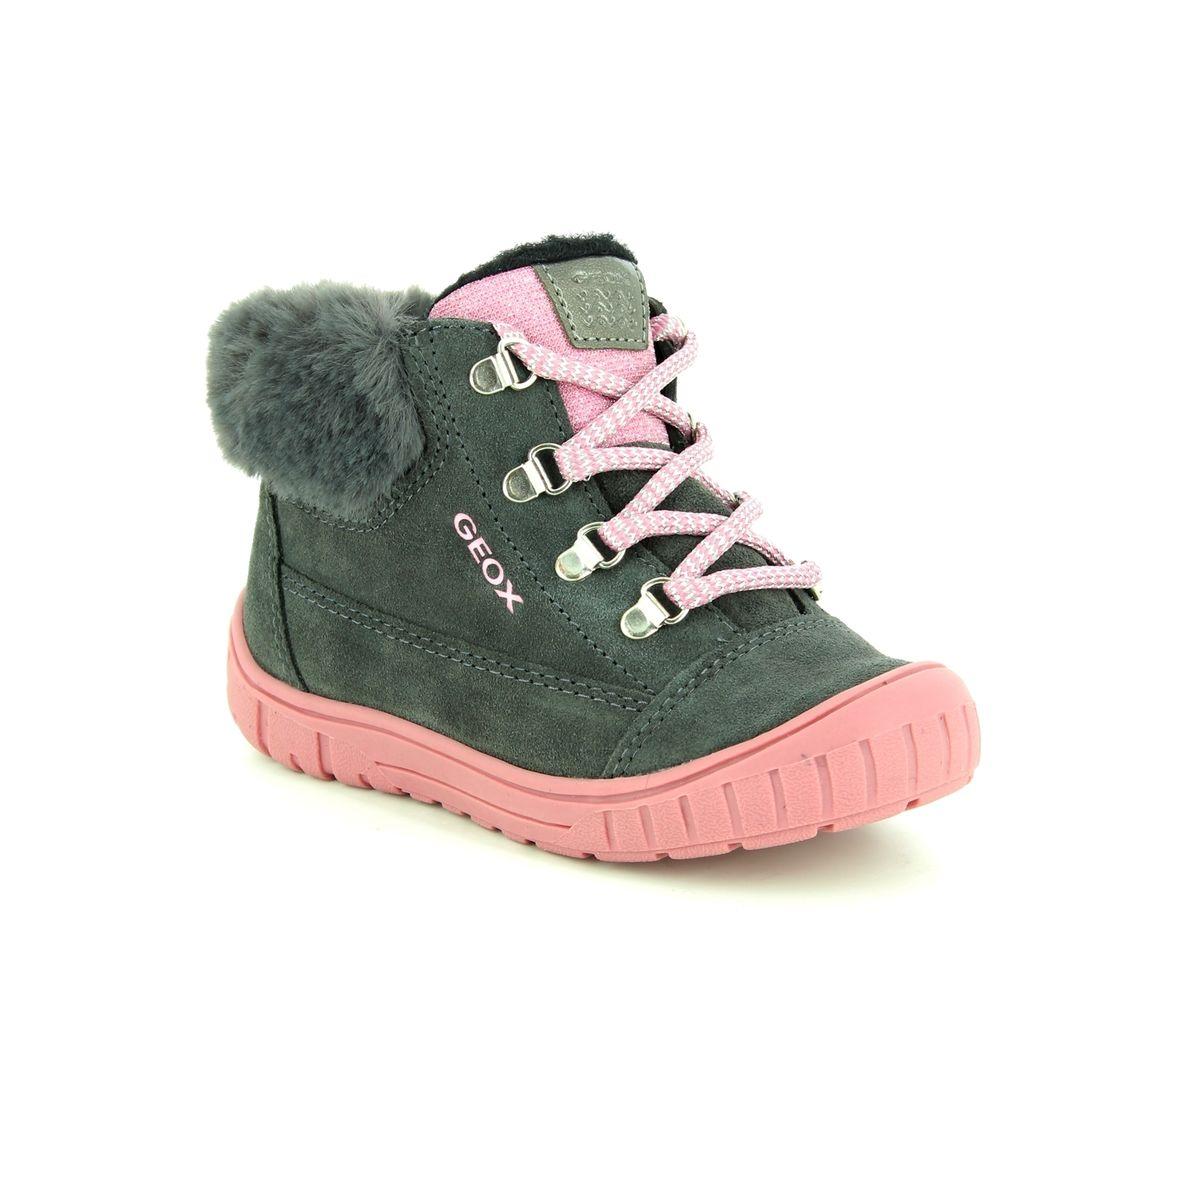 be1cad4126 Geox First Shoes - Grey suede - B842LA/C9002 BABY OMAR GIRL WATERPROOF